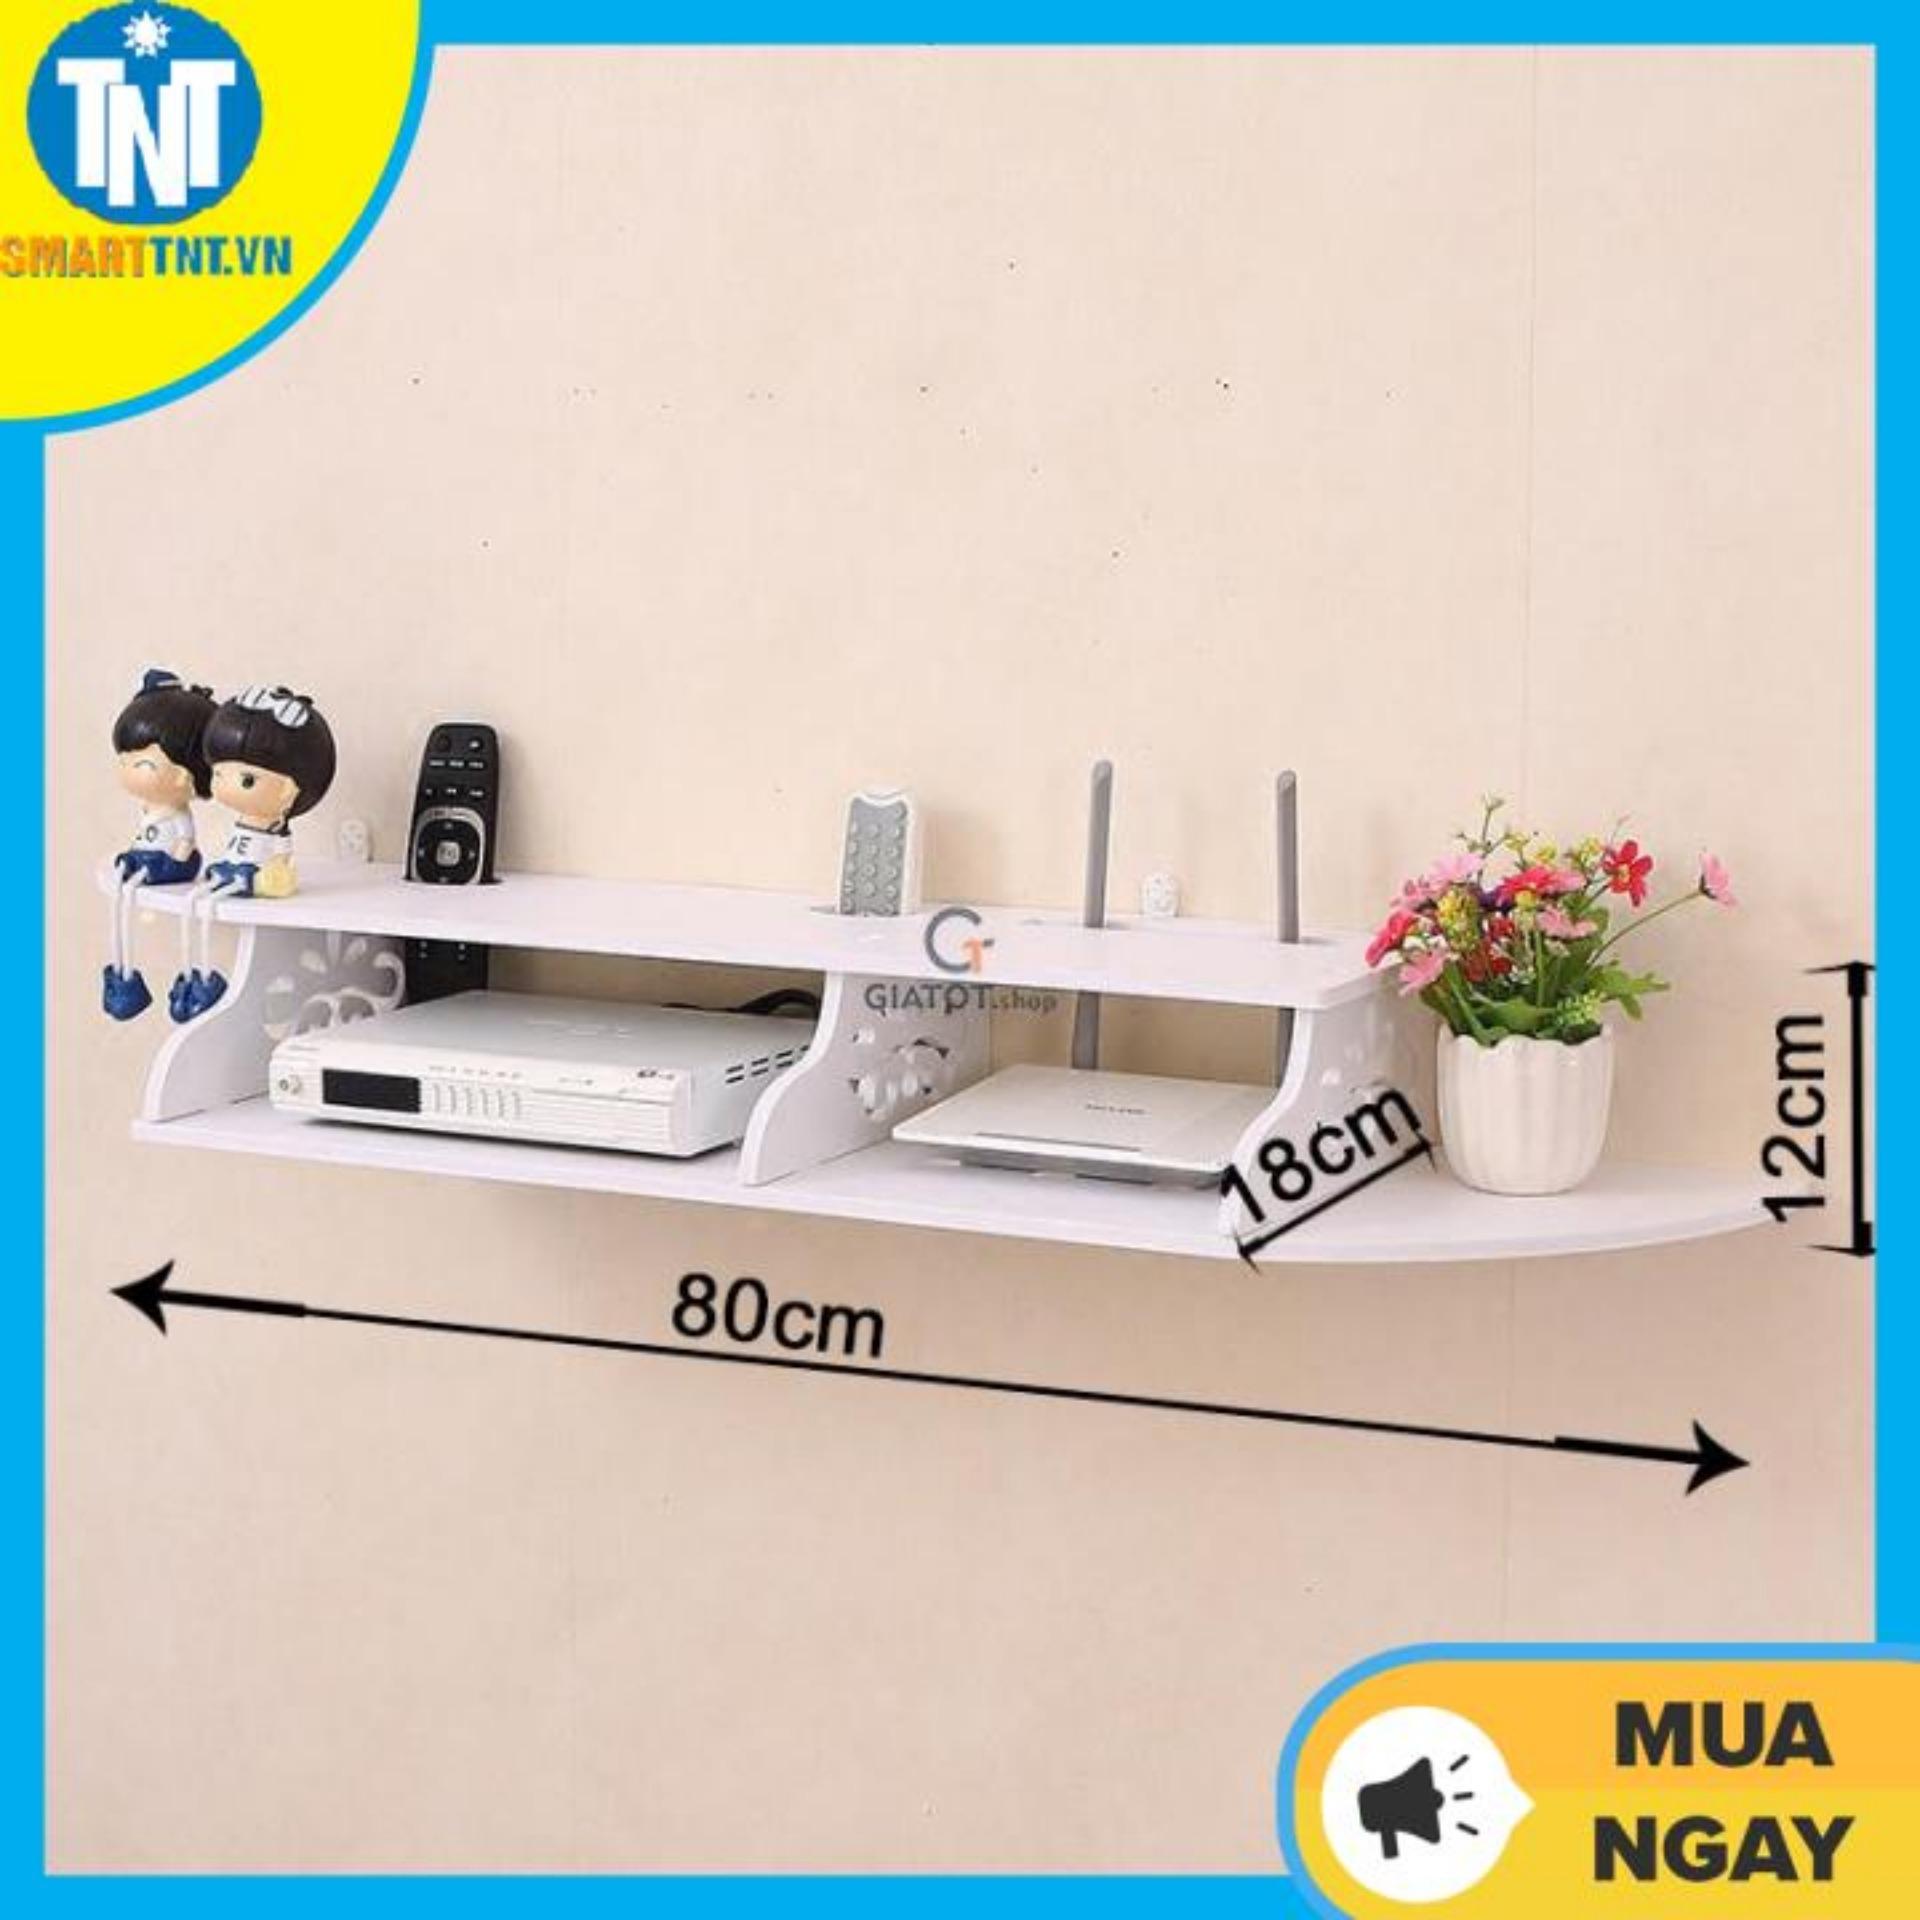 Kệ gỗ treo tường - Kệ treo đầu thu - Kệ gỗ đa năng - Kệ gỗ PVC cỡ nhỏ KDT-SMALL-01